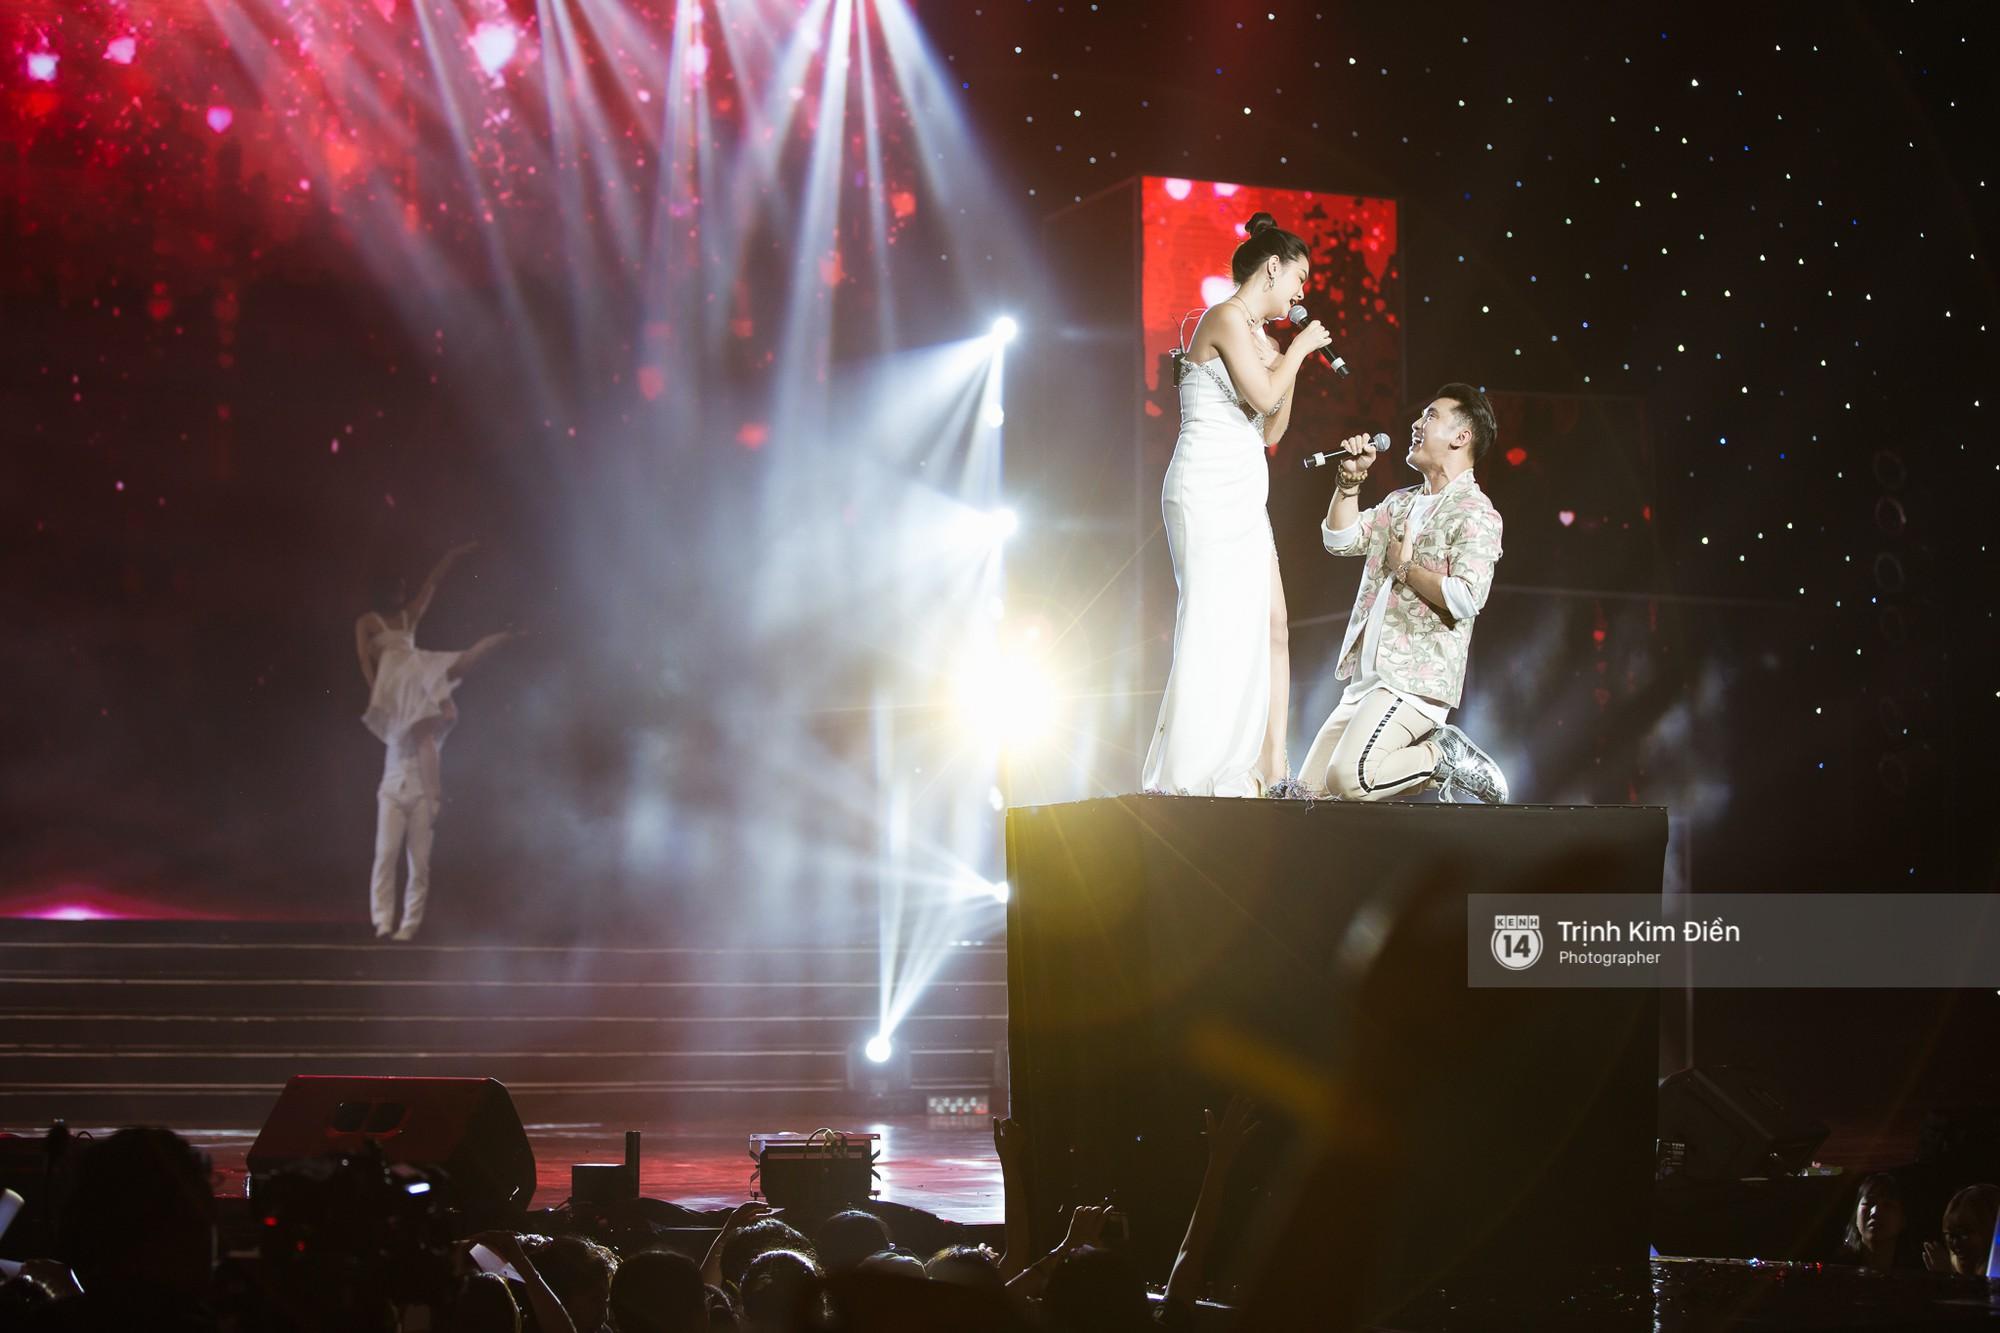 Khoảnh khắc đẹp của dàn sao Việt-Hàn trong show diễn đêm qua khiến khán giả bùng nổ - Ảnh 29.